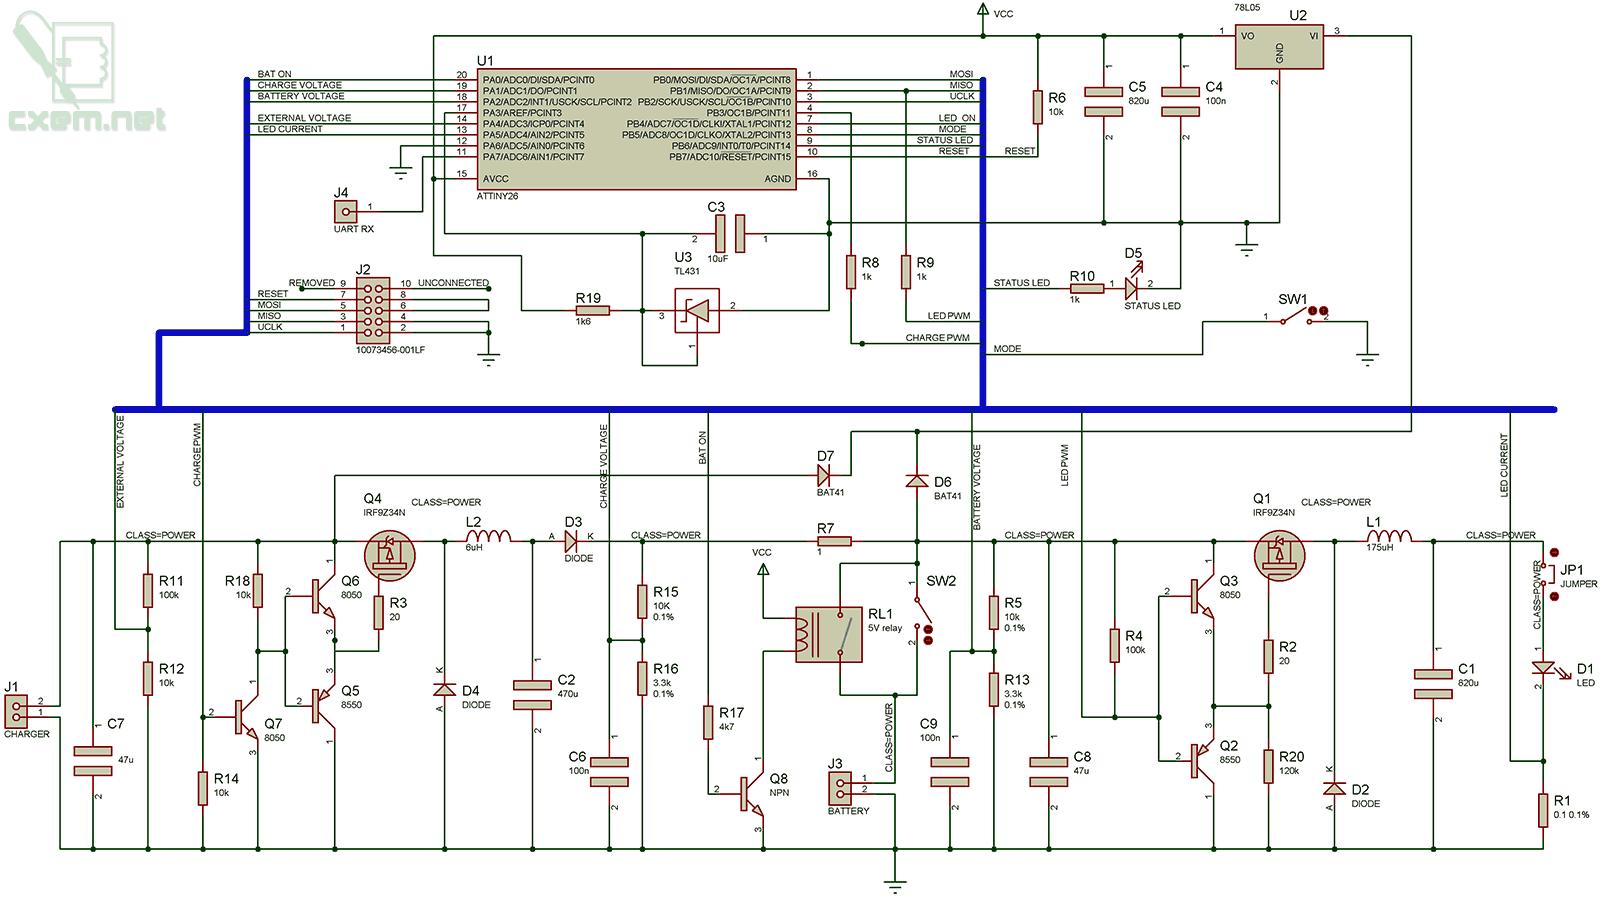 от прикуривателя зарядка схема на d8050 транзисторе